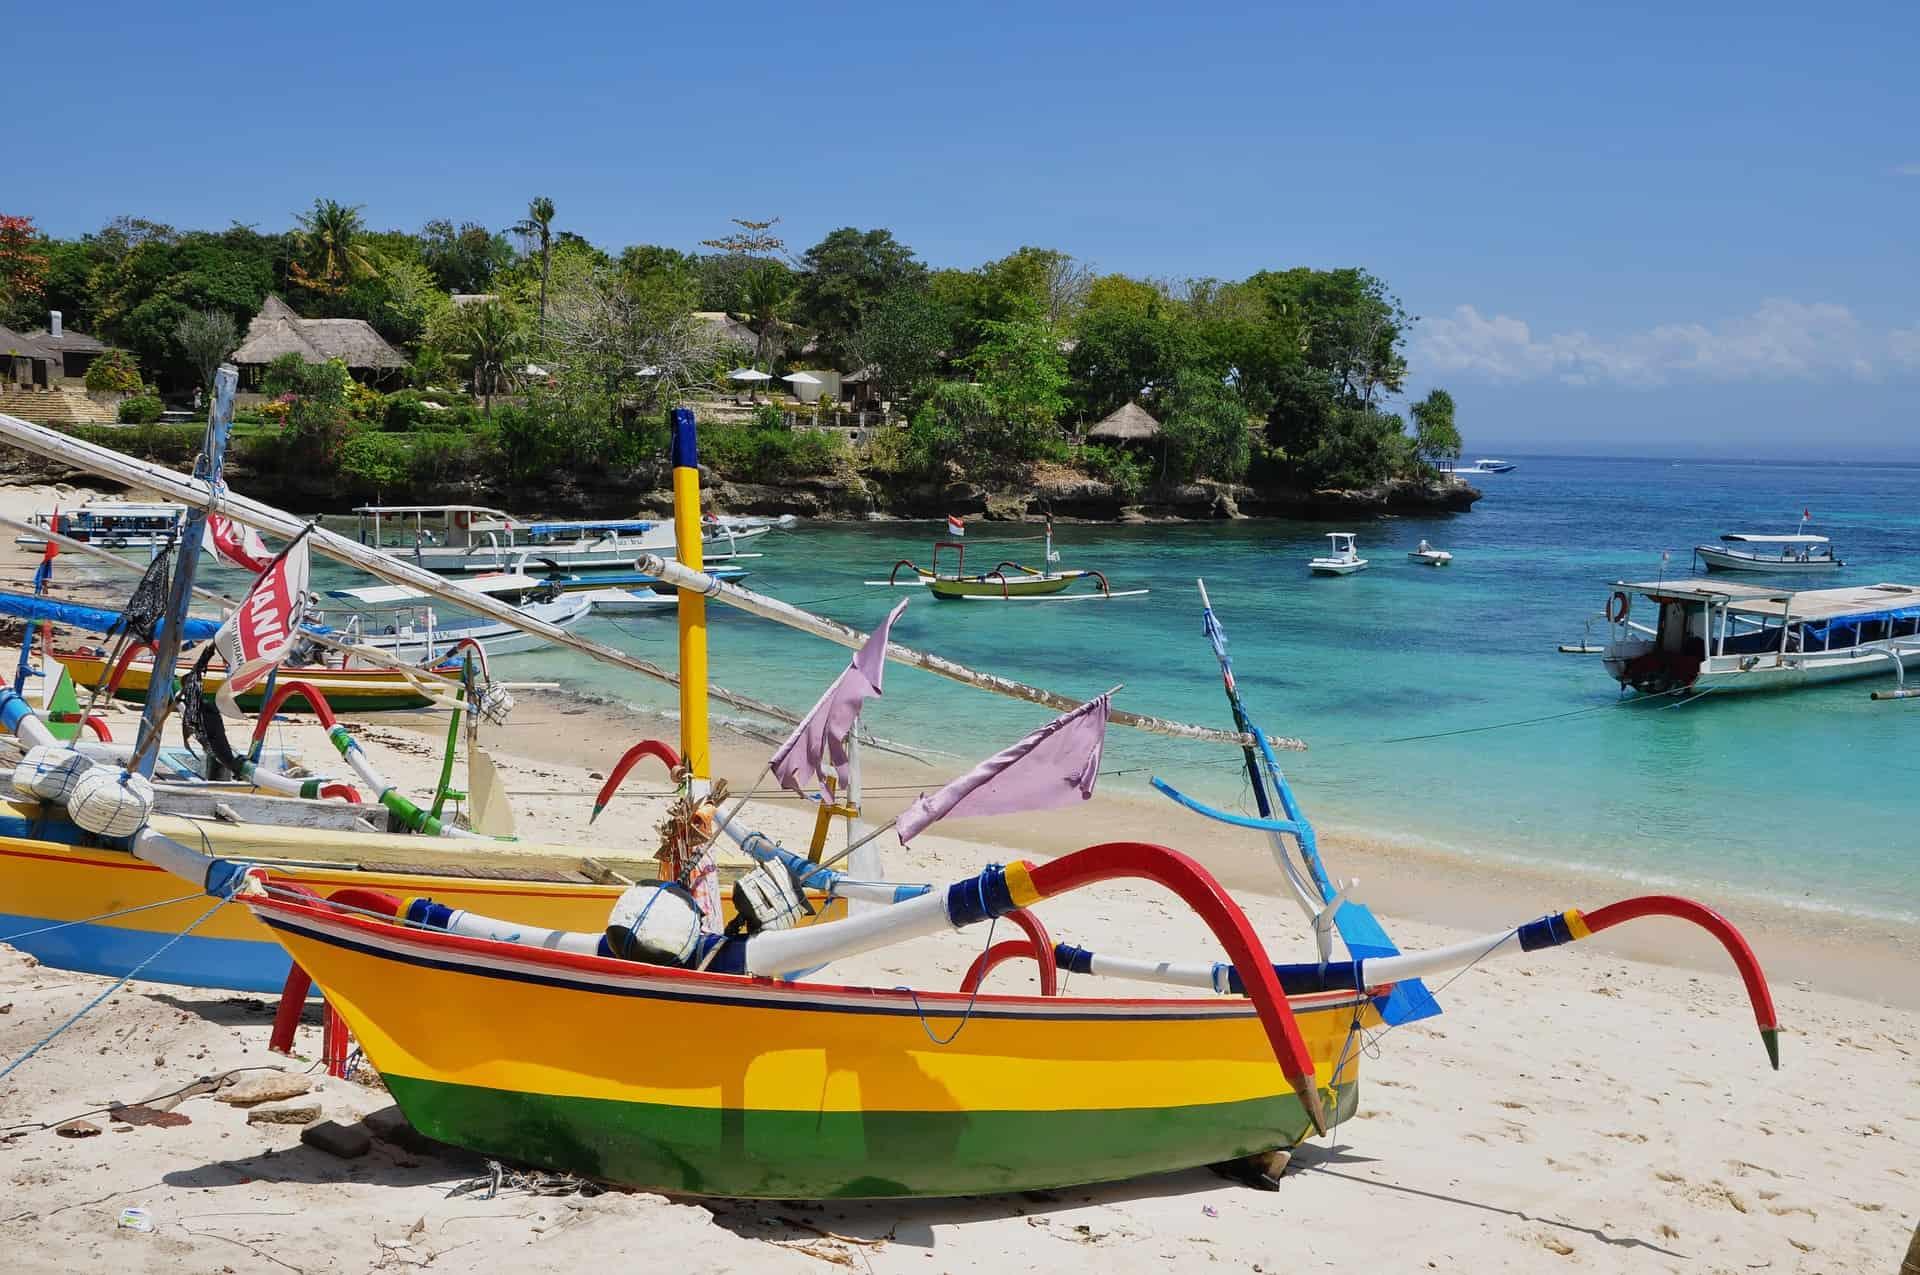 Fahrt aufjedenfall mal einen Tag die Küste mit einem Boot entlang